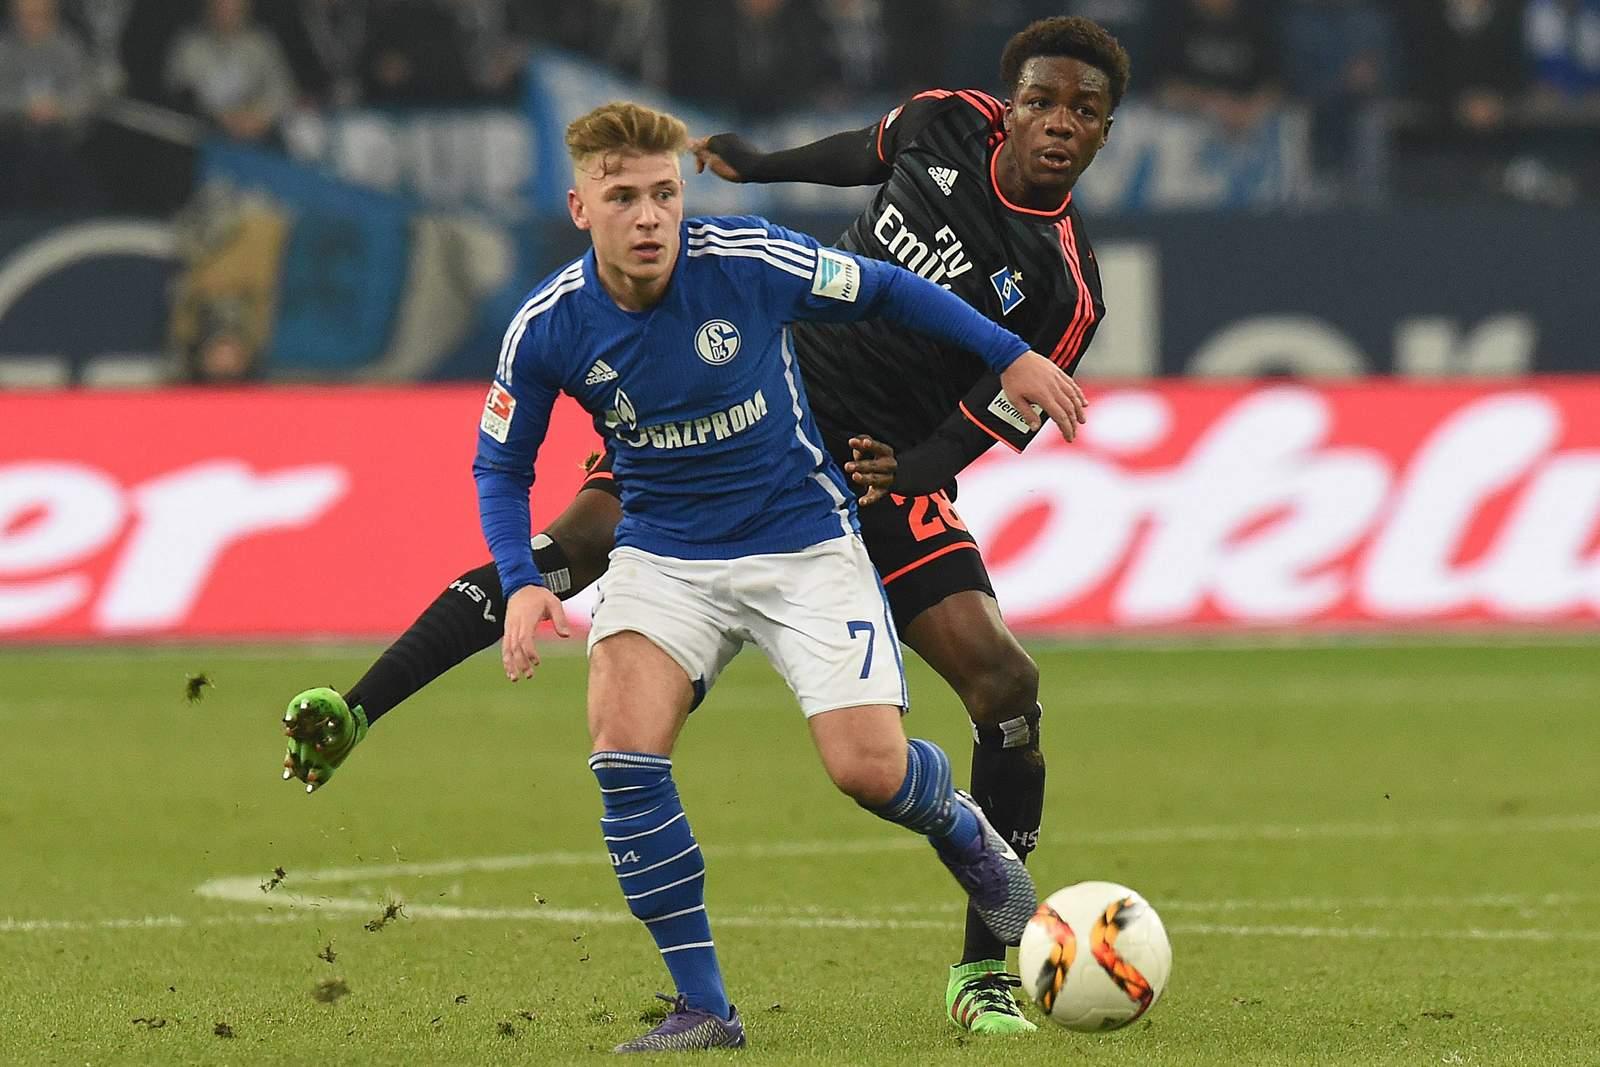 Setzt sich Meyer gegen Jung durch? Jetzt auf HSV gegen Schalke 04 wetten